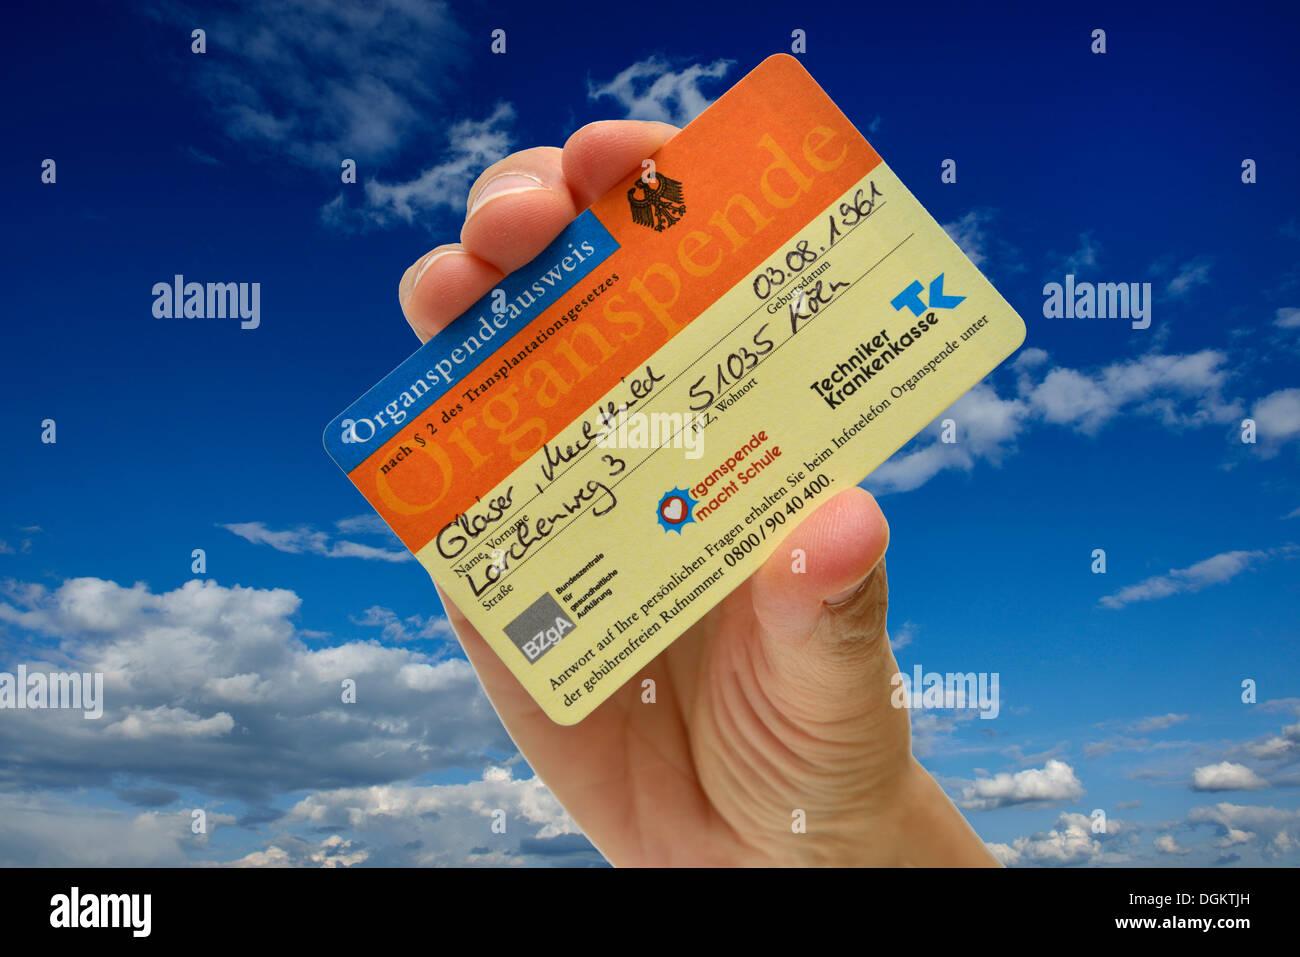 Mano sujetando una tarjeta de donante de órganos, nombre falso, contra un cielo azul con algunas nubes, imagen Imagen De Stock